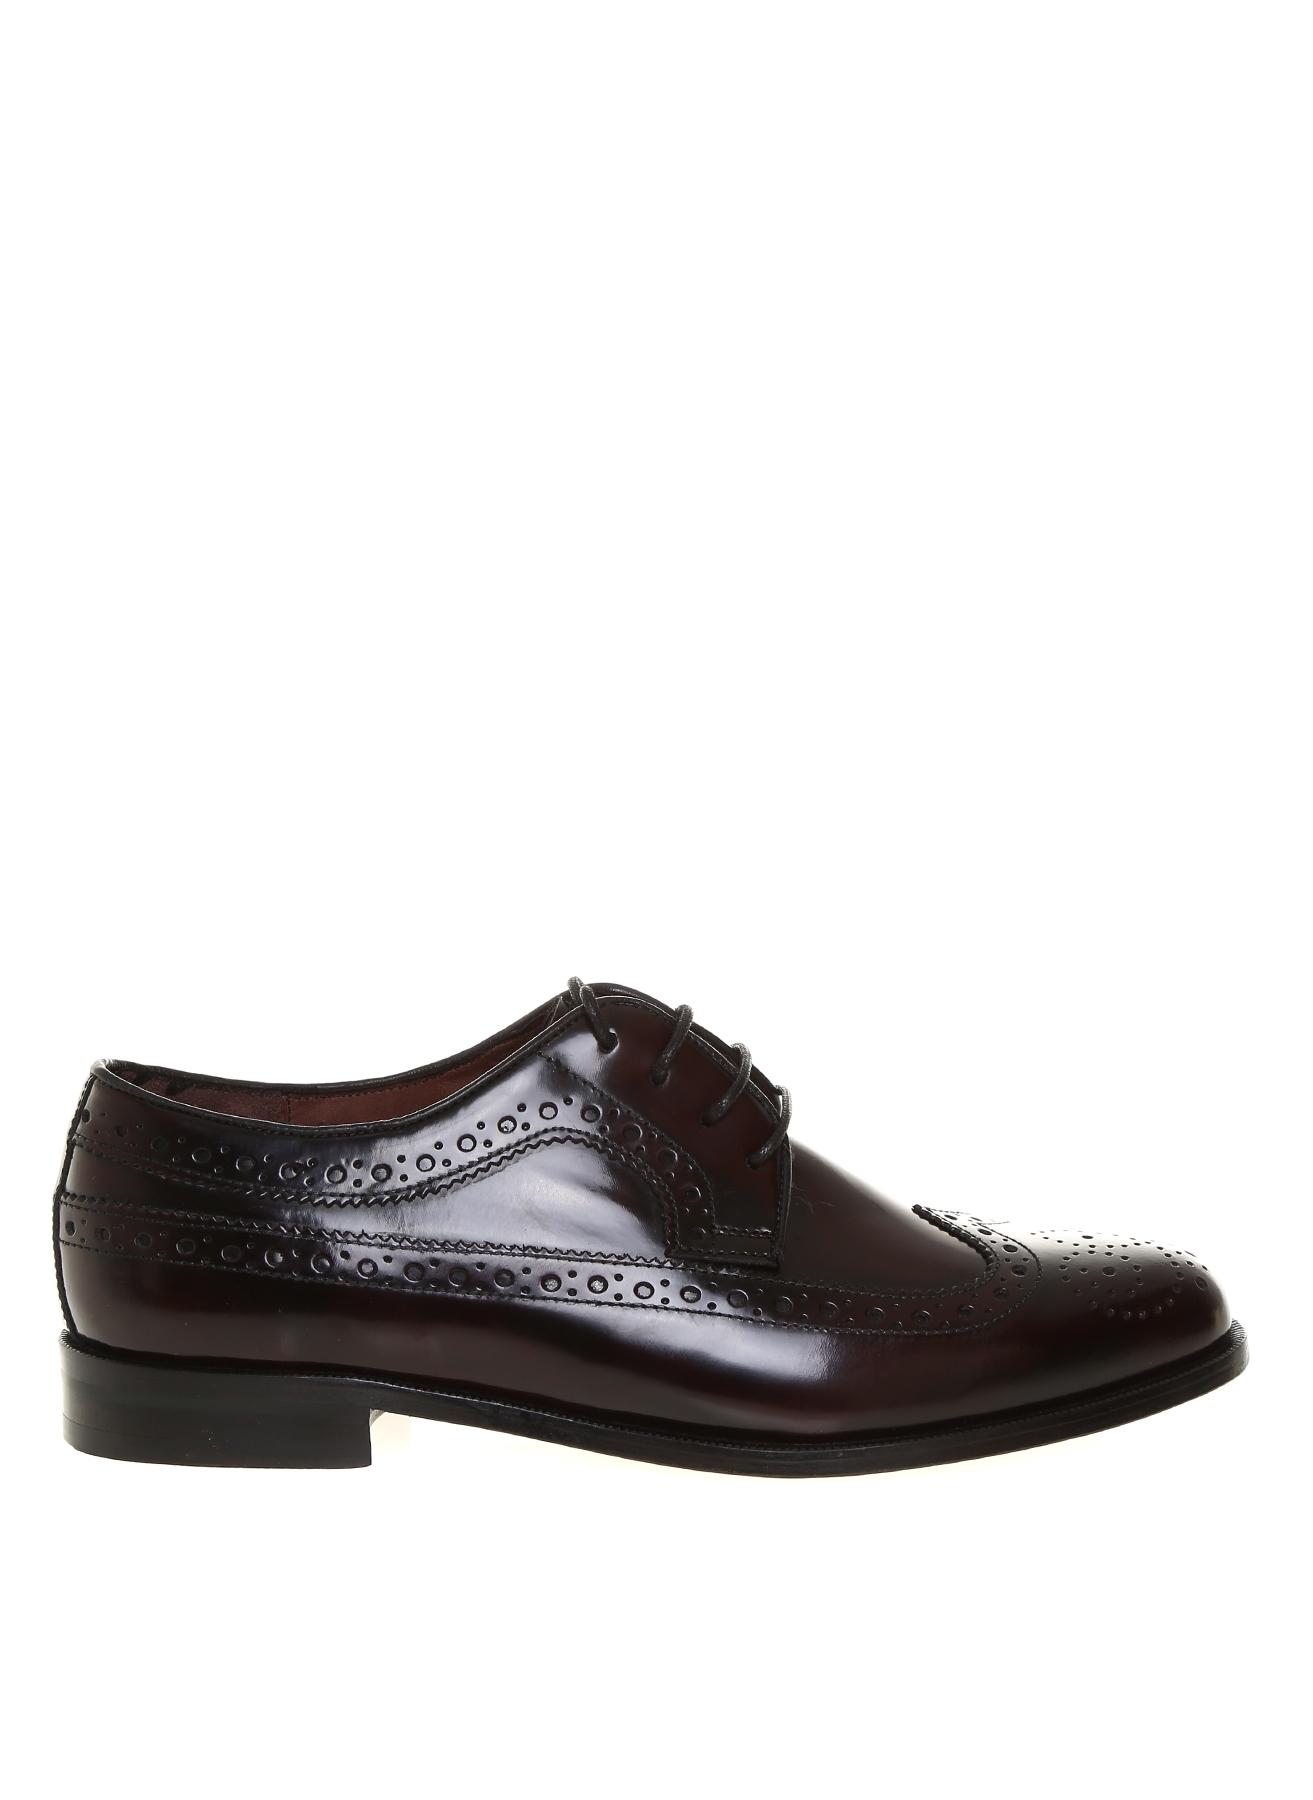 George Hogg Düz Ayakkabı 40 5001917430001 Ürün Resmi